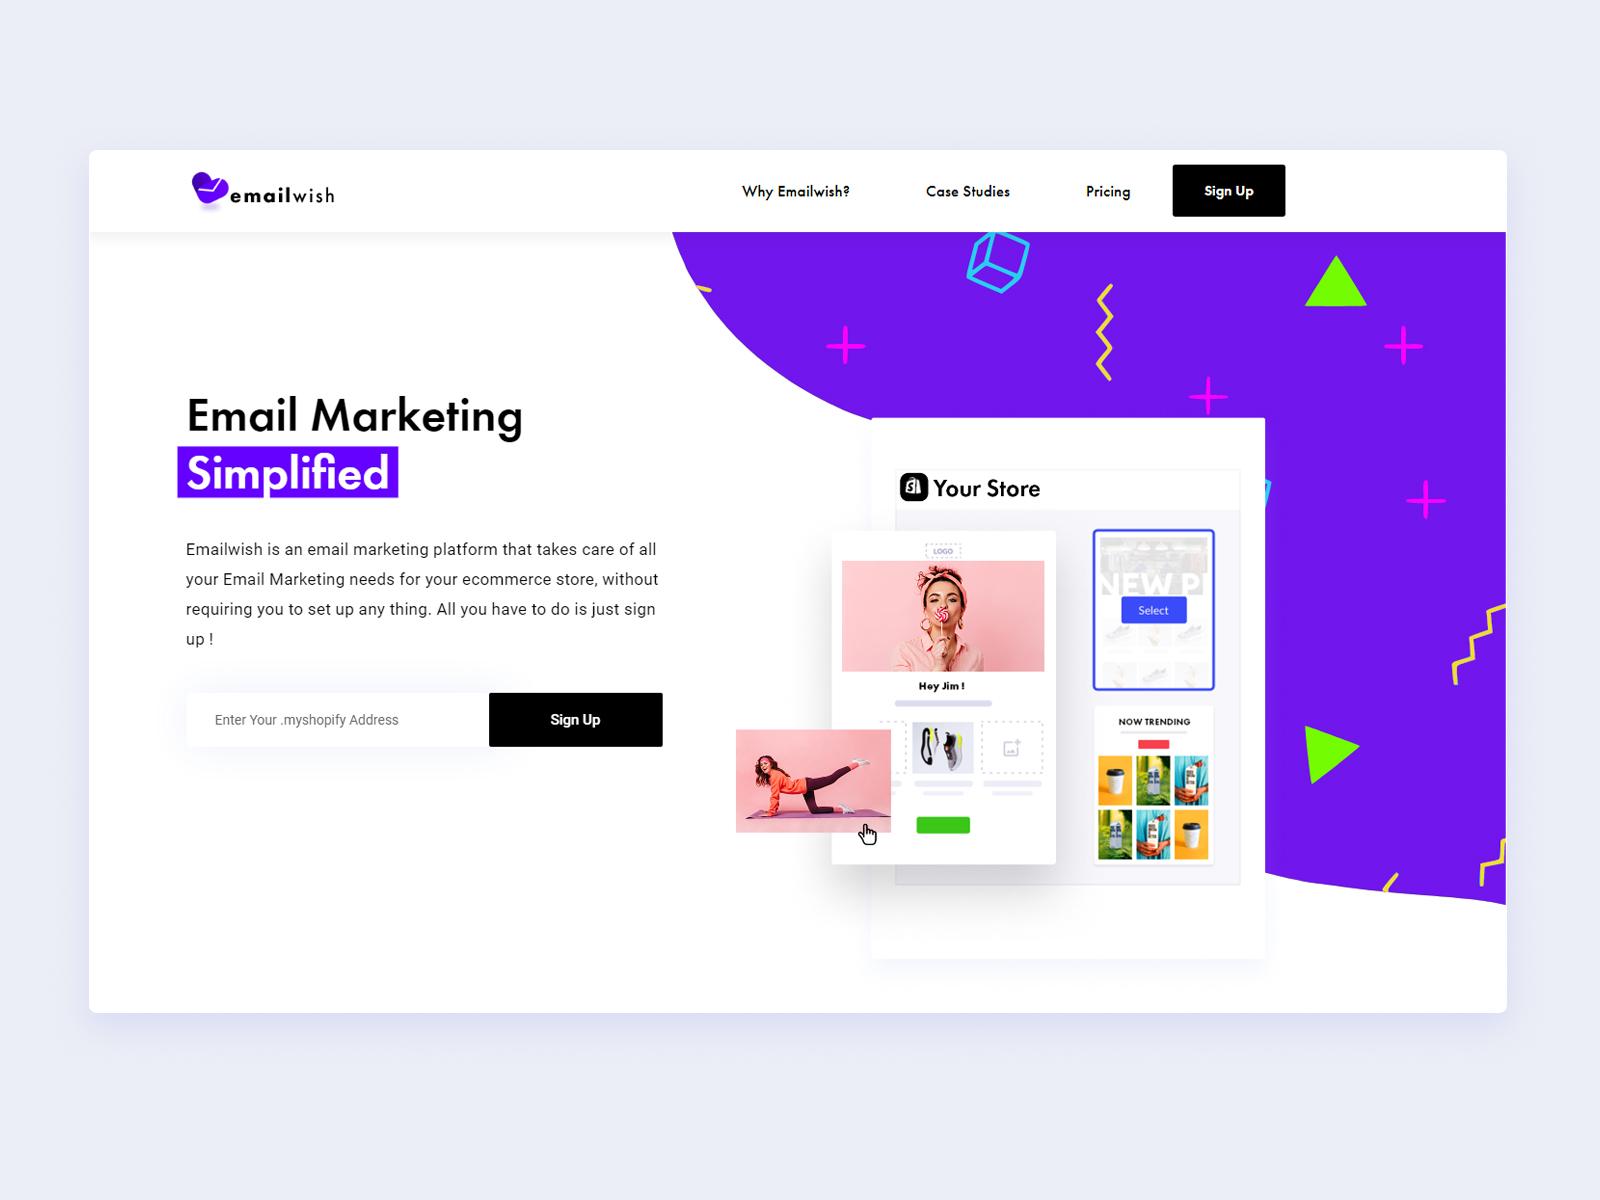 Emailwish website